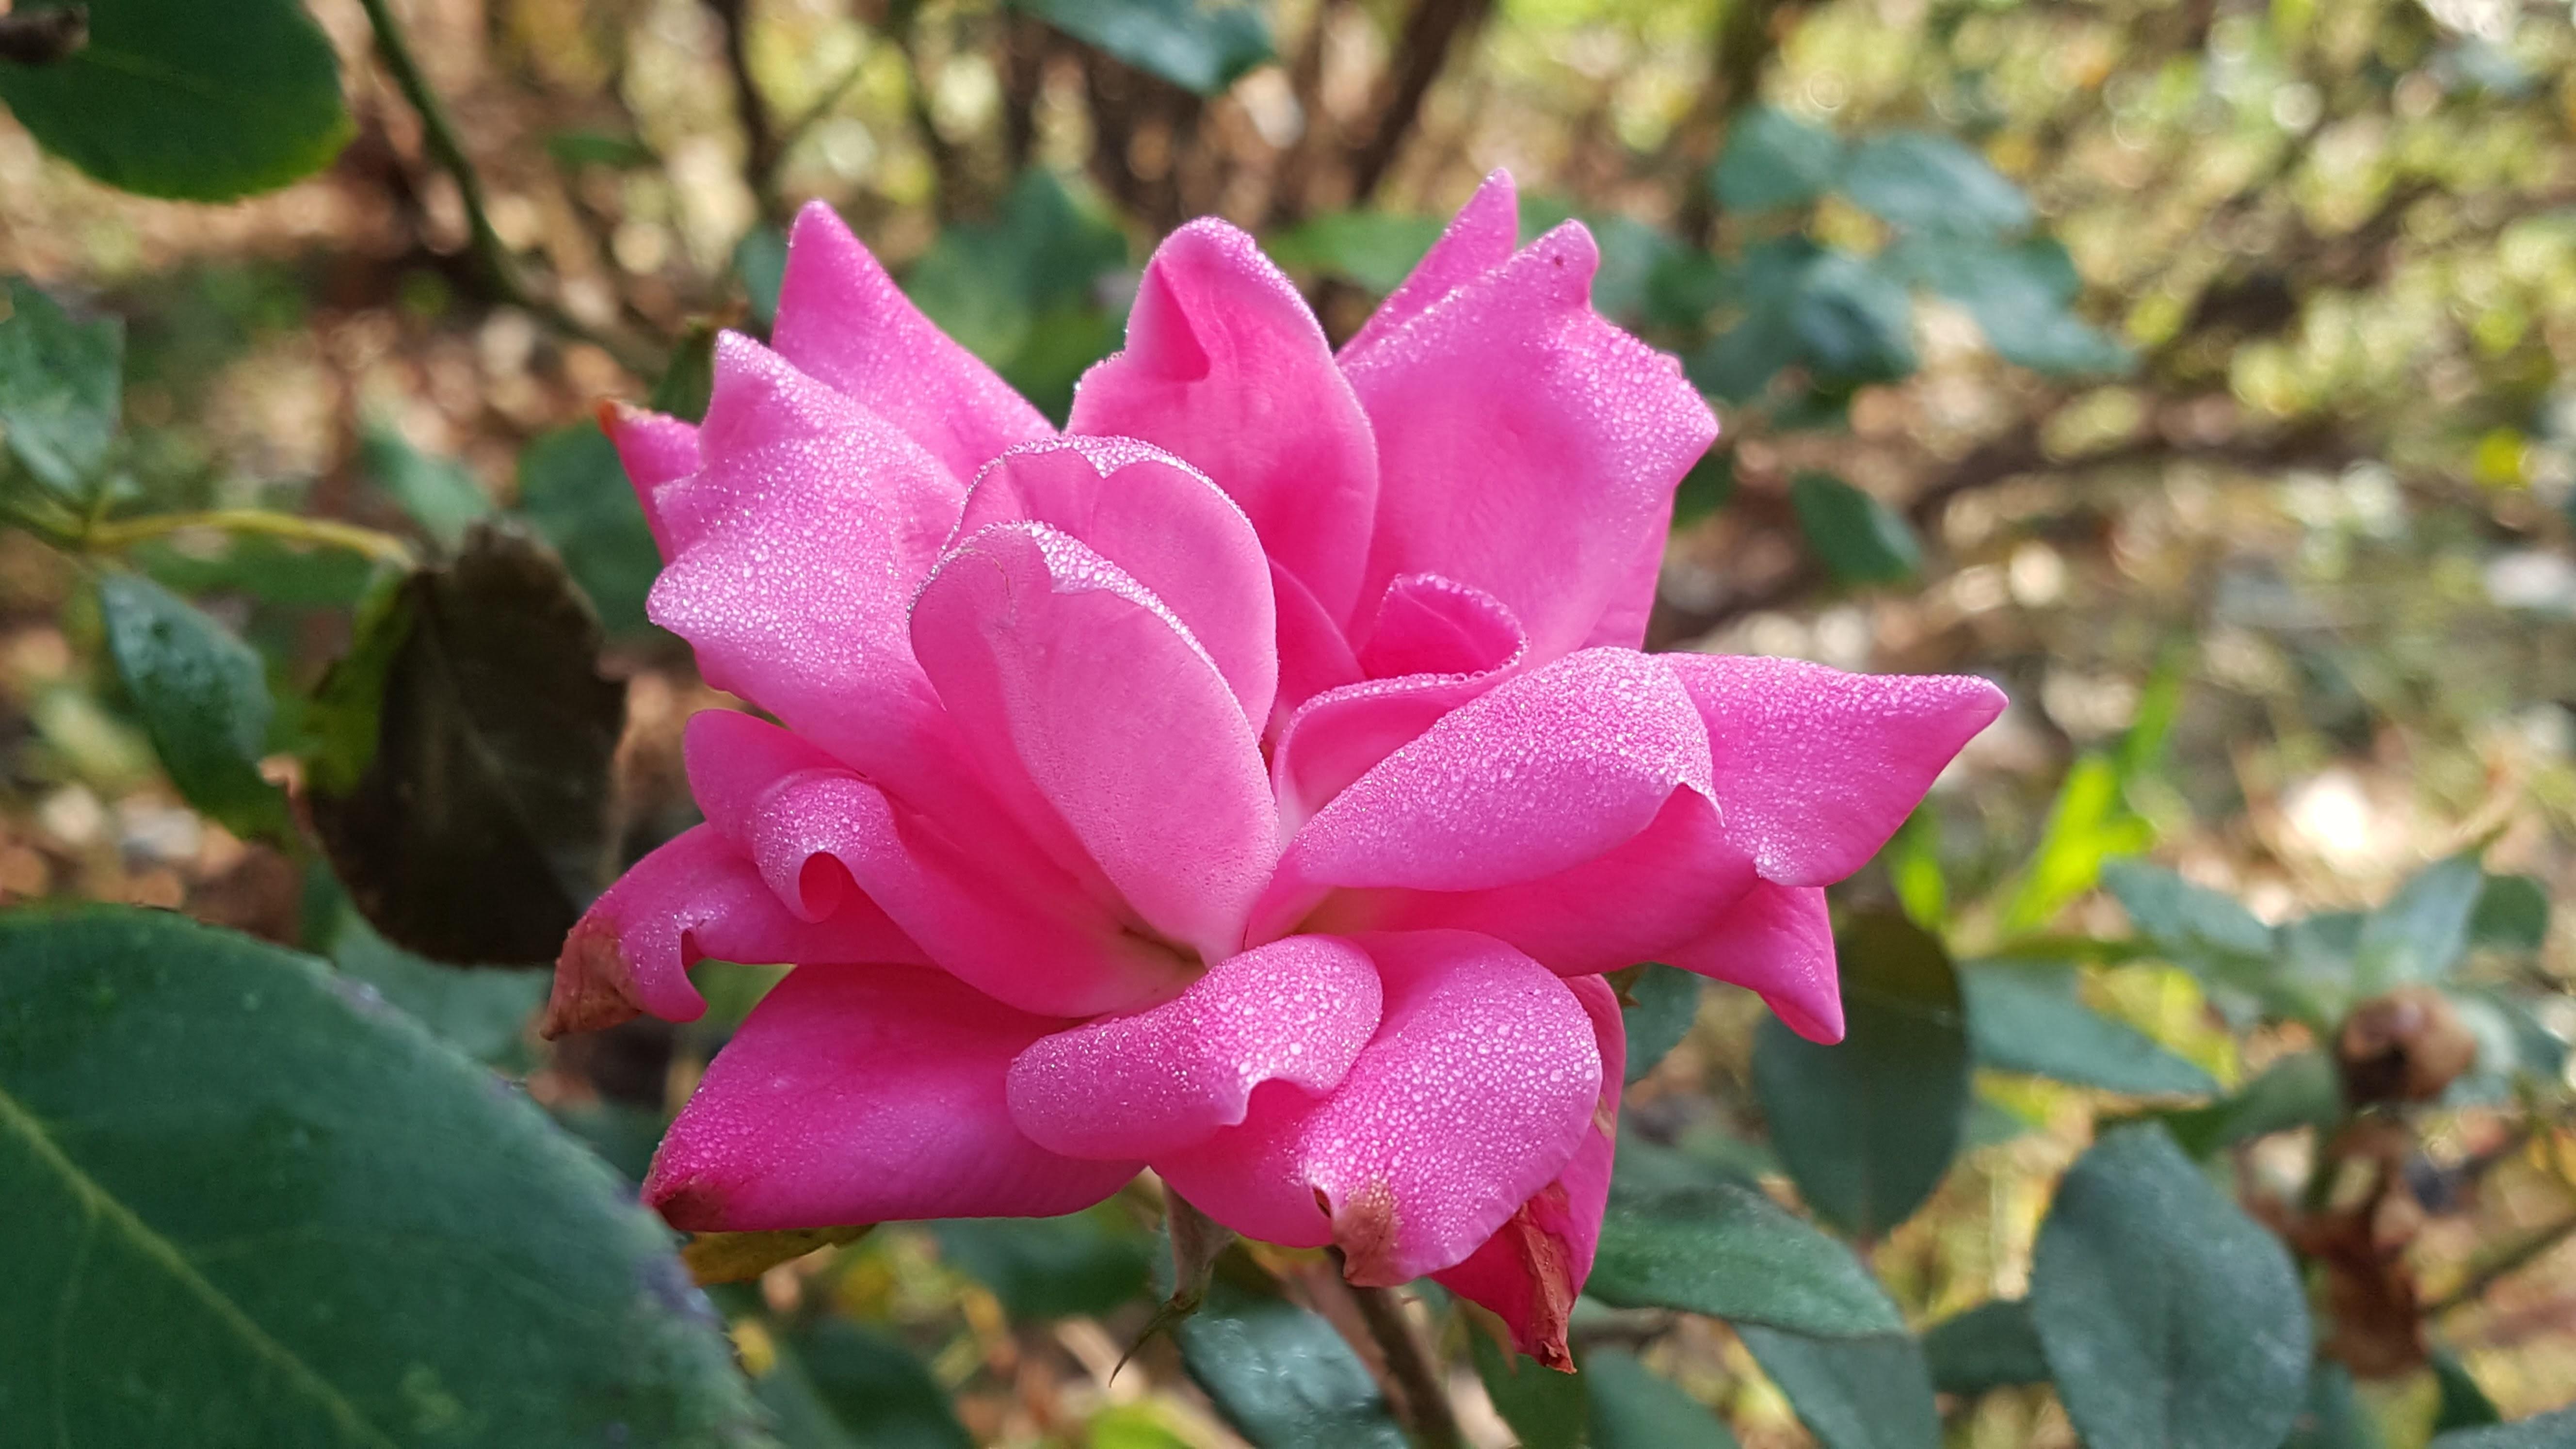 Roses, comparing